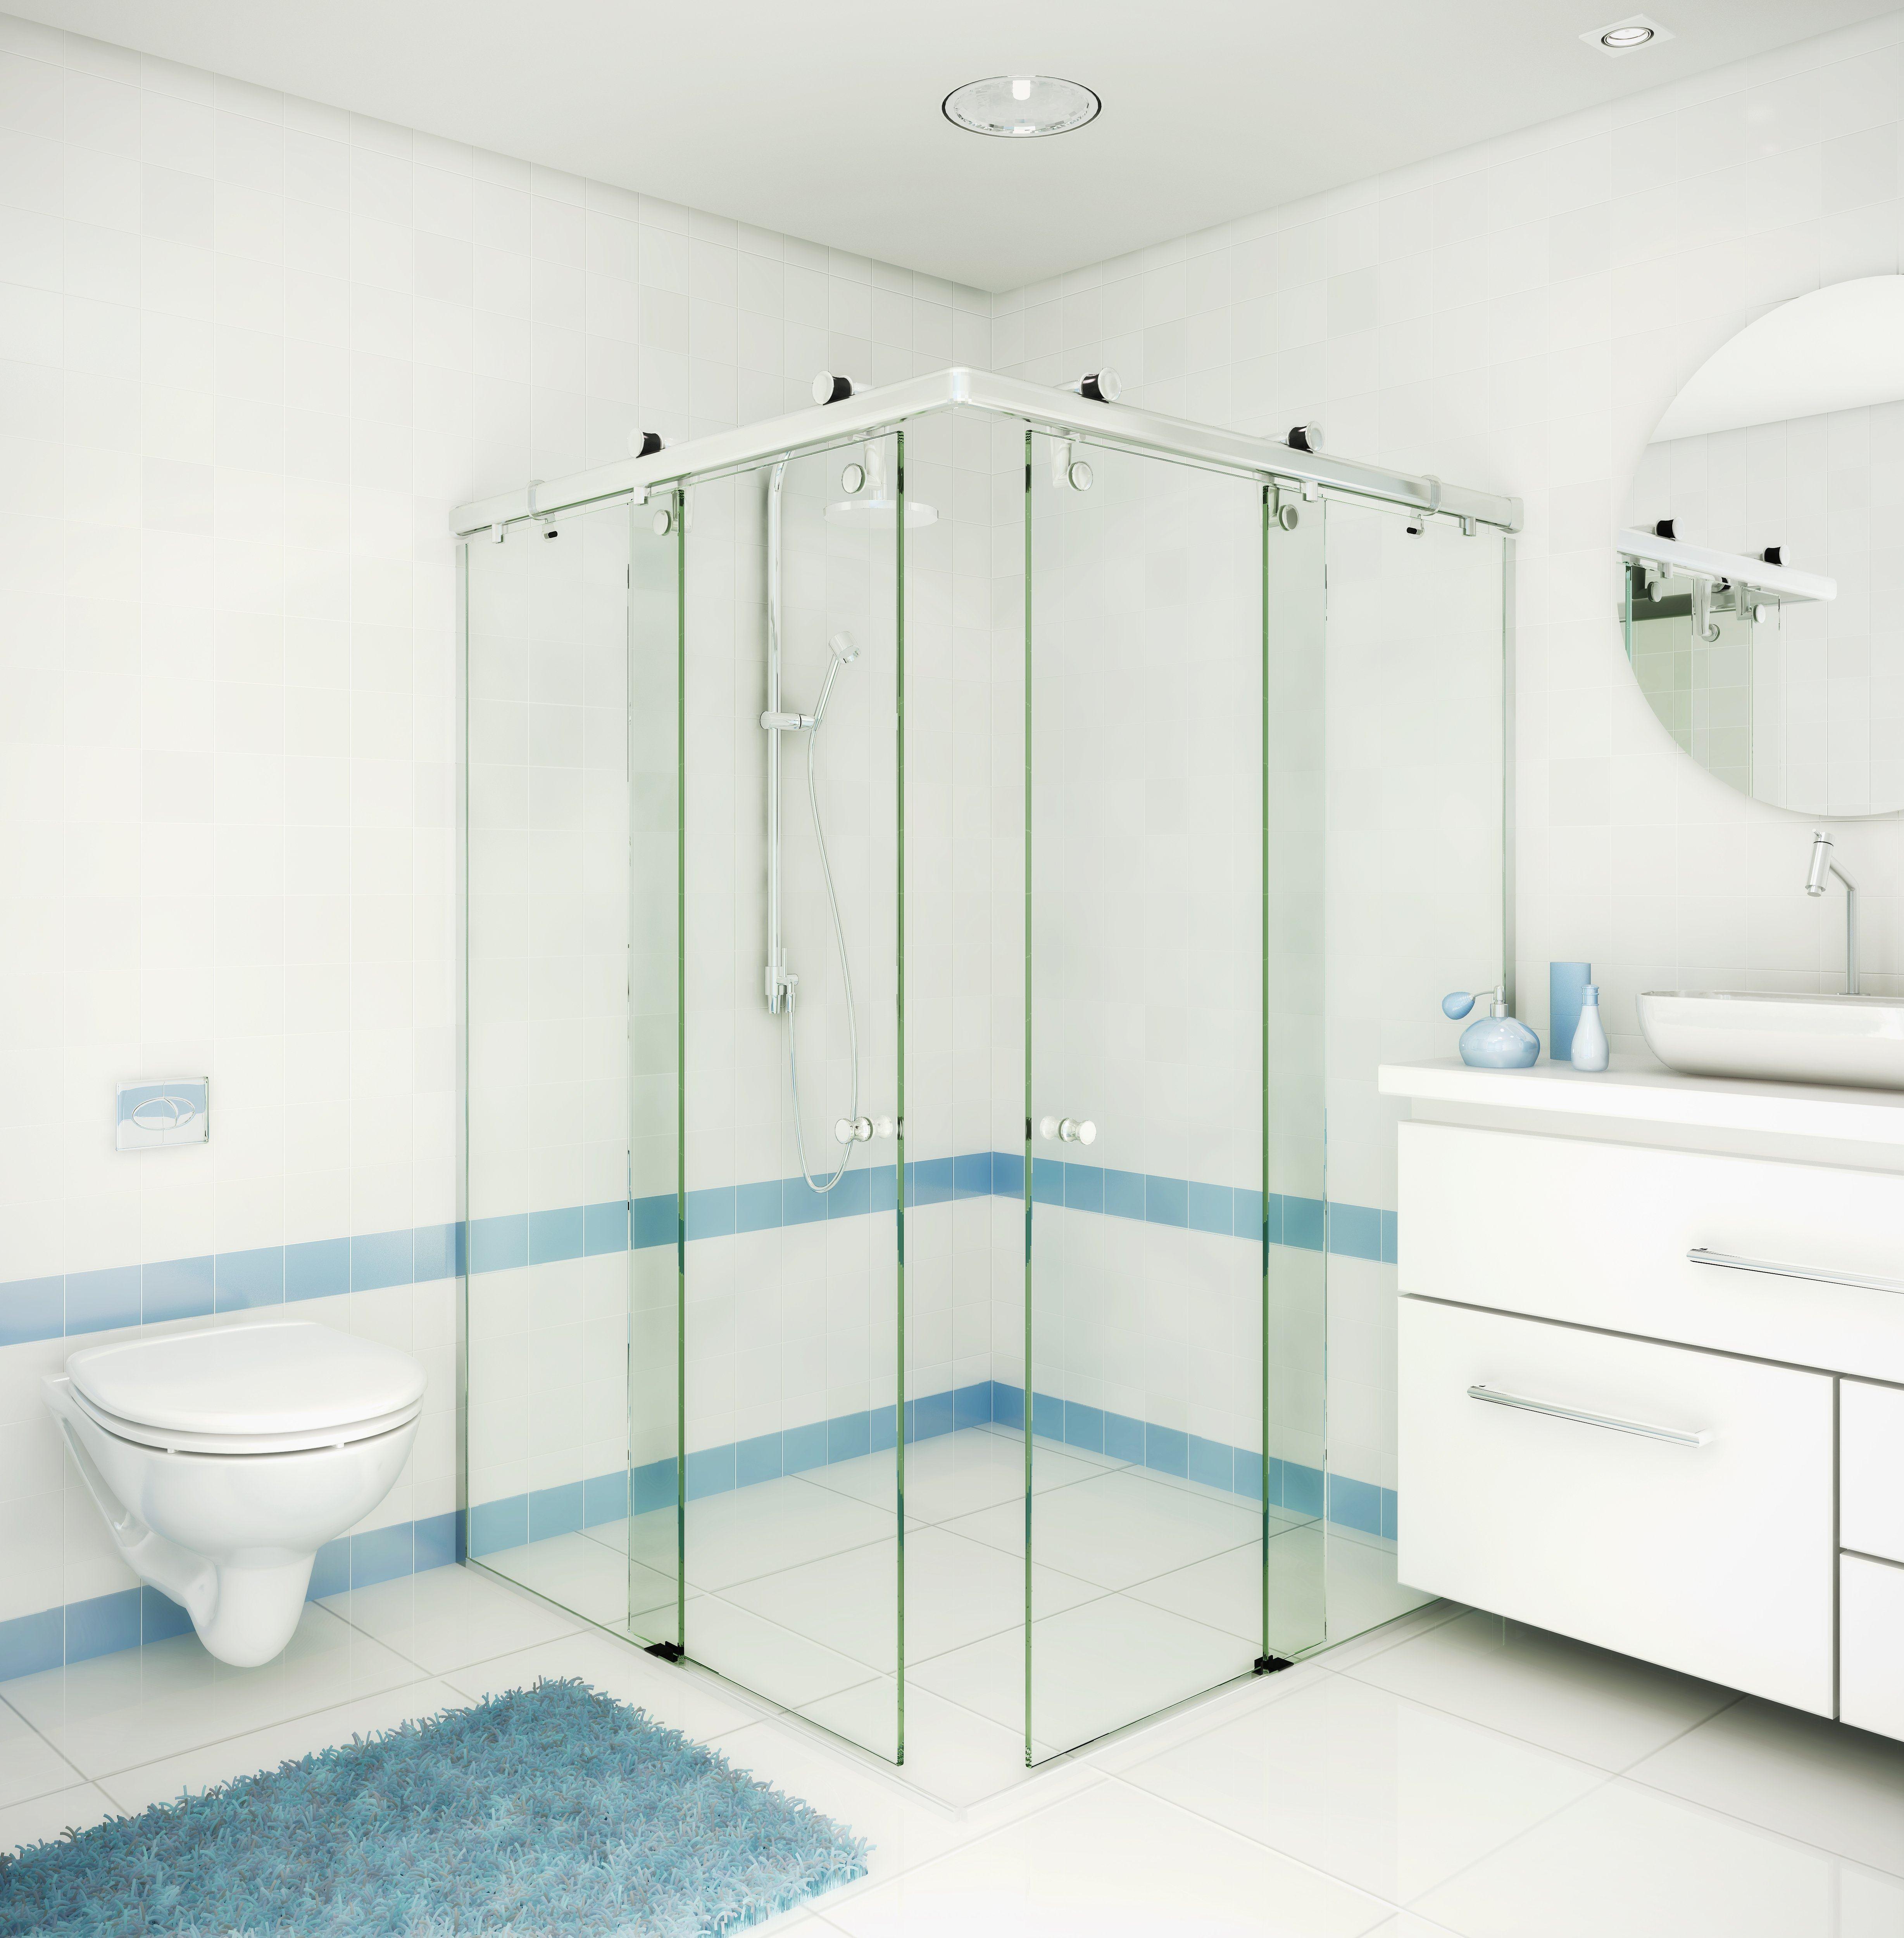 Confira modelos de box de banheiro Jet Dicas #4C7480 4912x5000 Banheiro Acessivel Pode Ter Porta De Correr